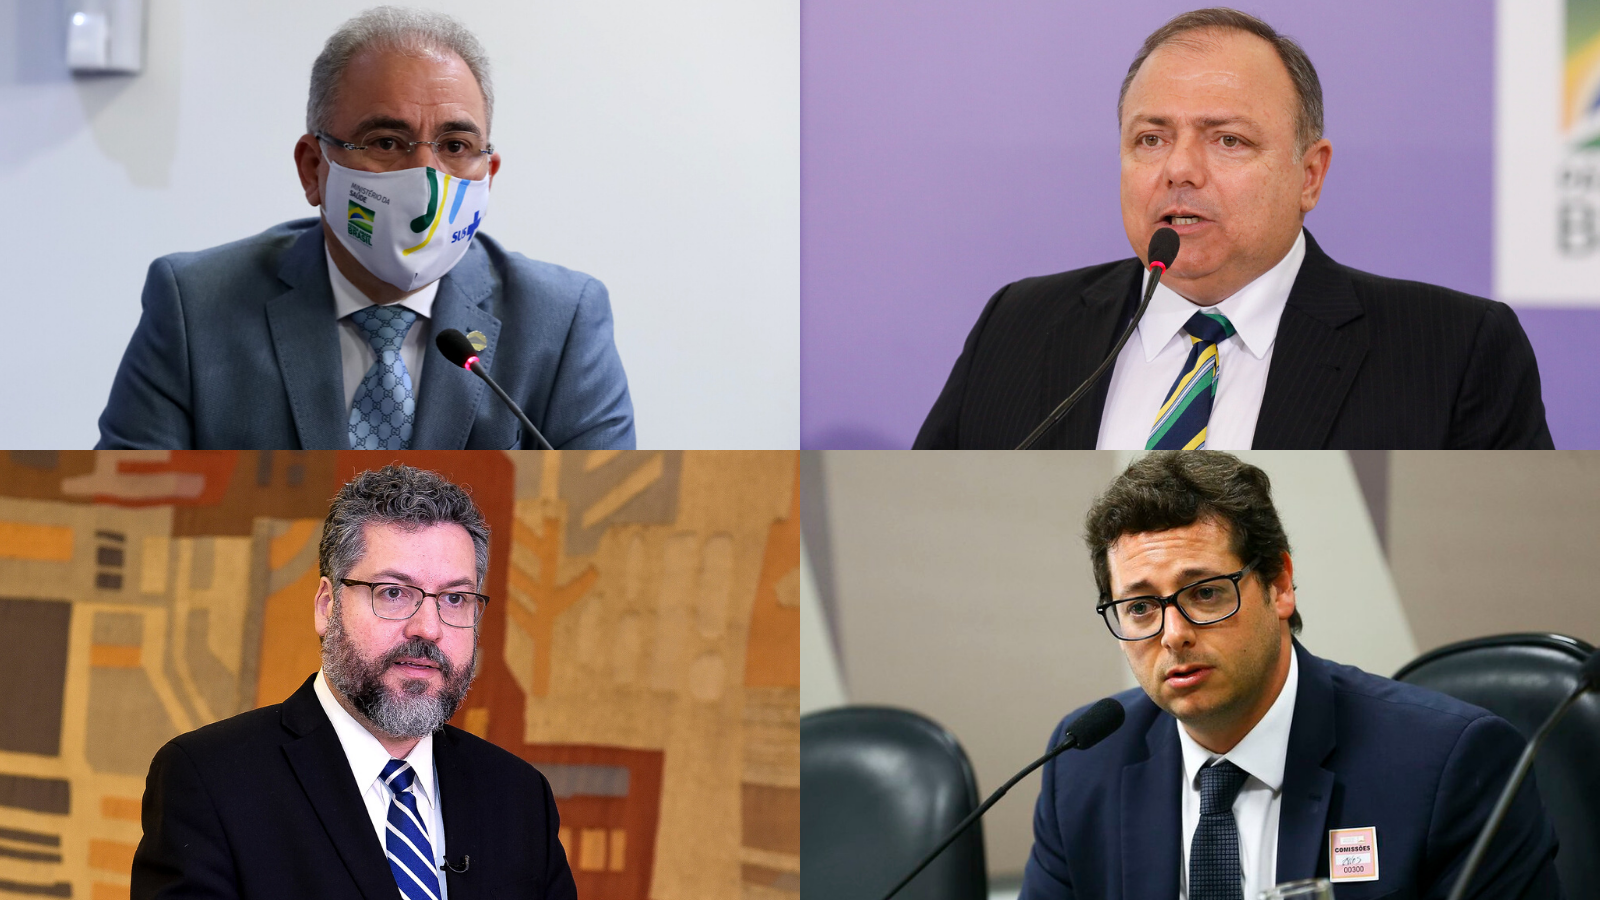 Marcelo Queiroga, Eduardo Pazuello, Ernesto Araújo e Fabio Wajngarten